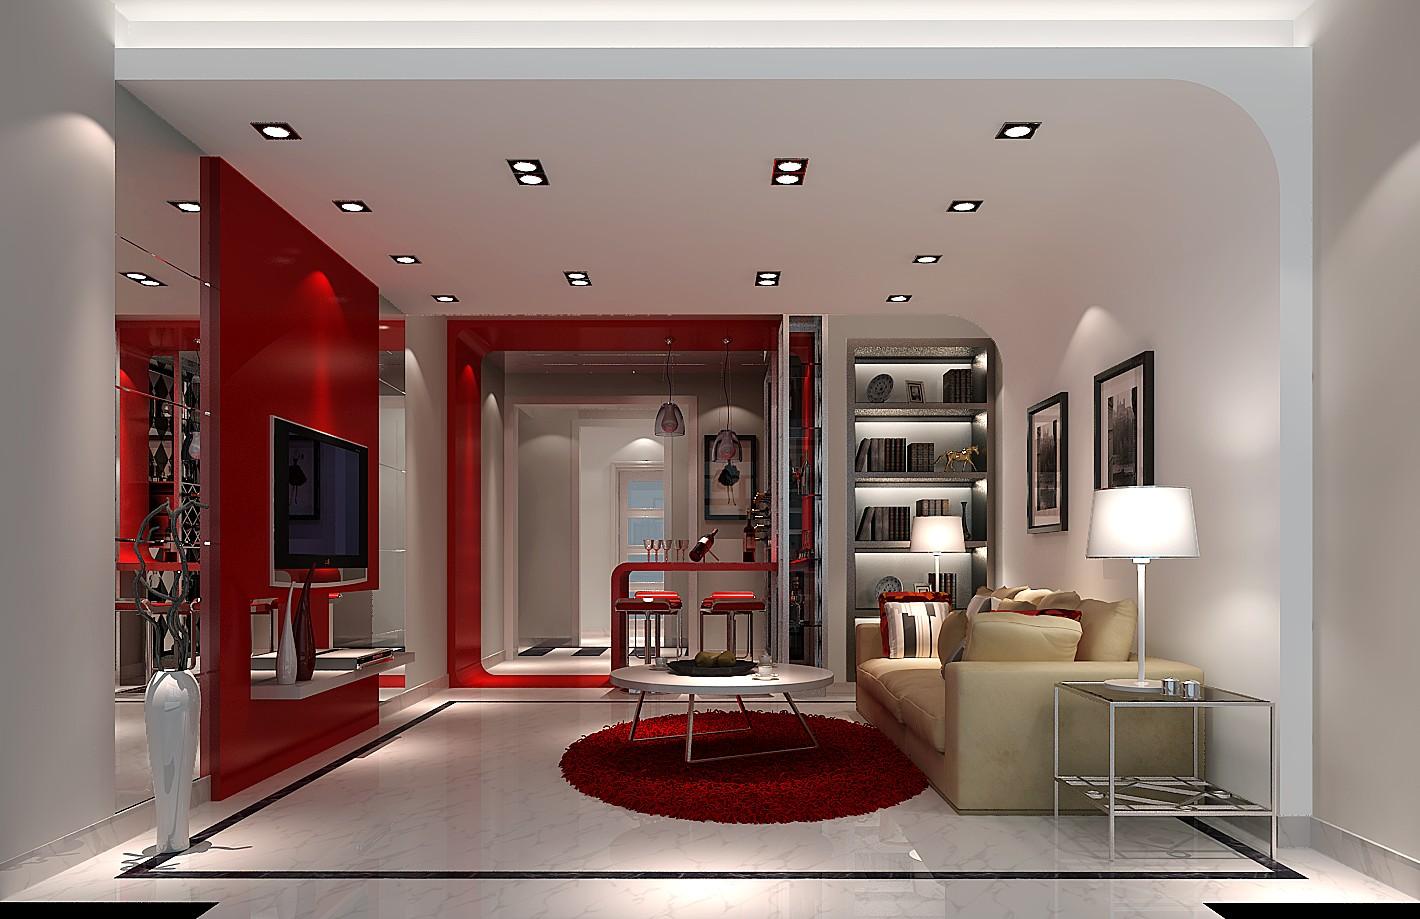 高度国际 中景江山赋 现代 公寓 客厅图片来自高度国际在高度国际-家居强调功能性设计的分享